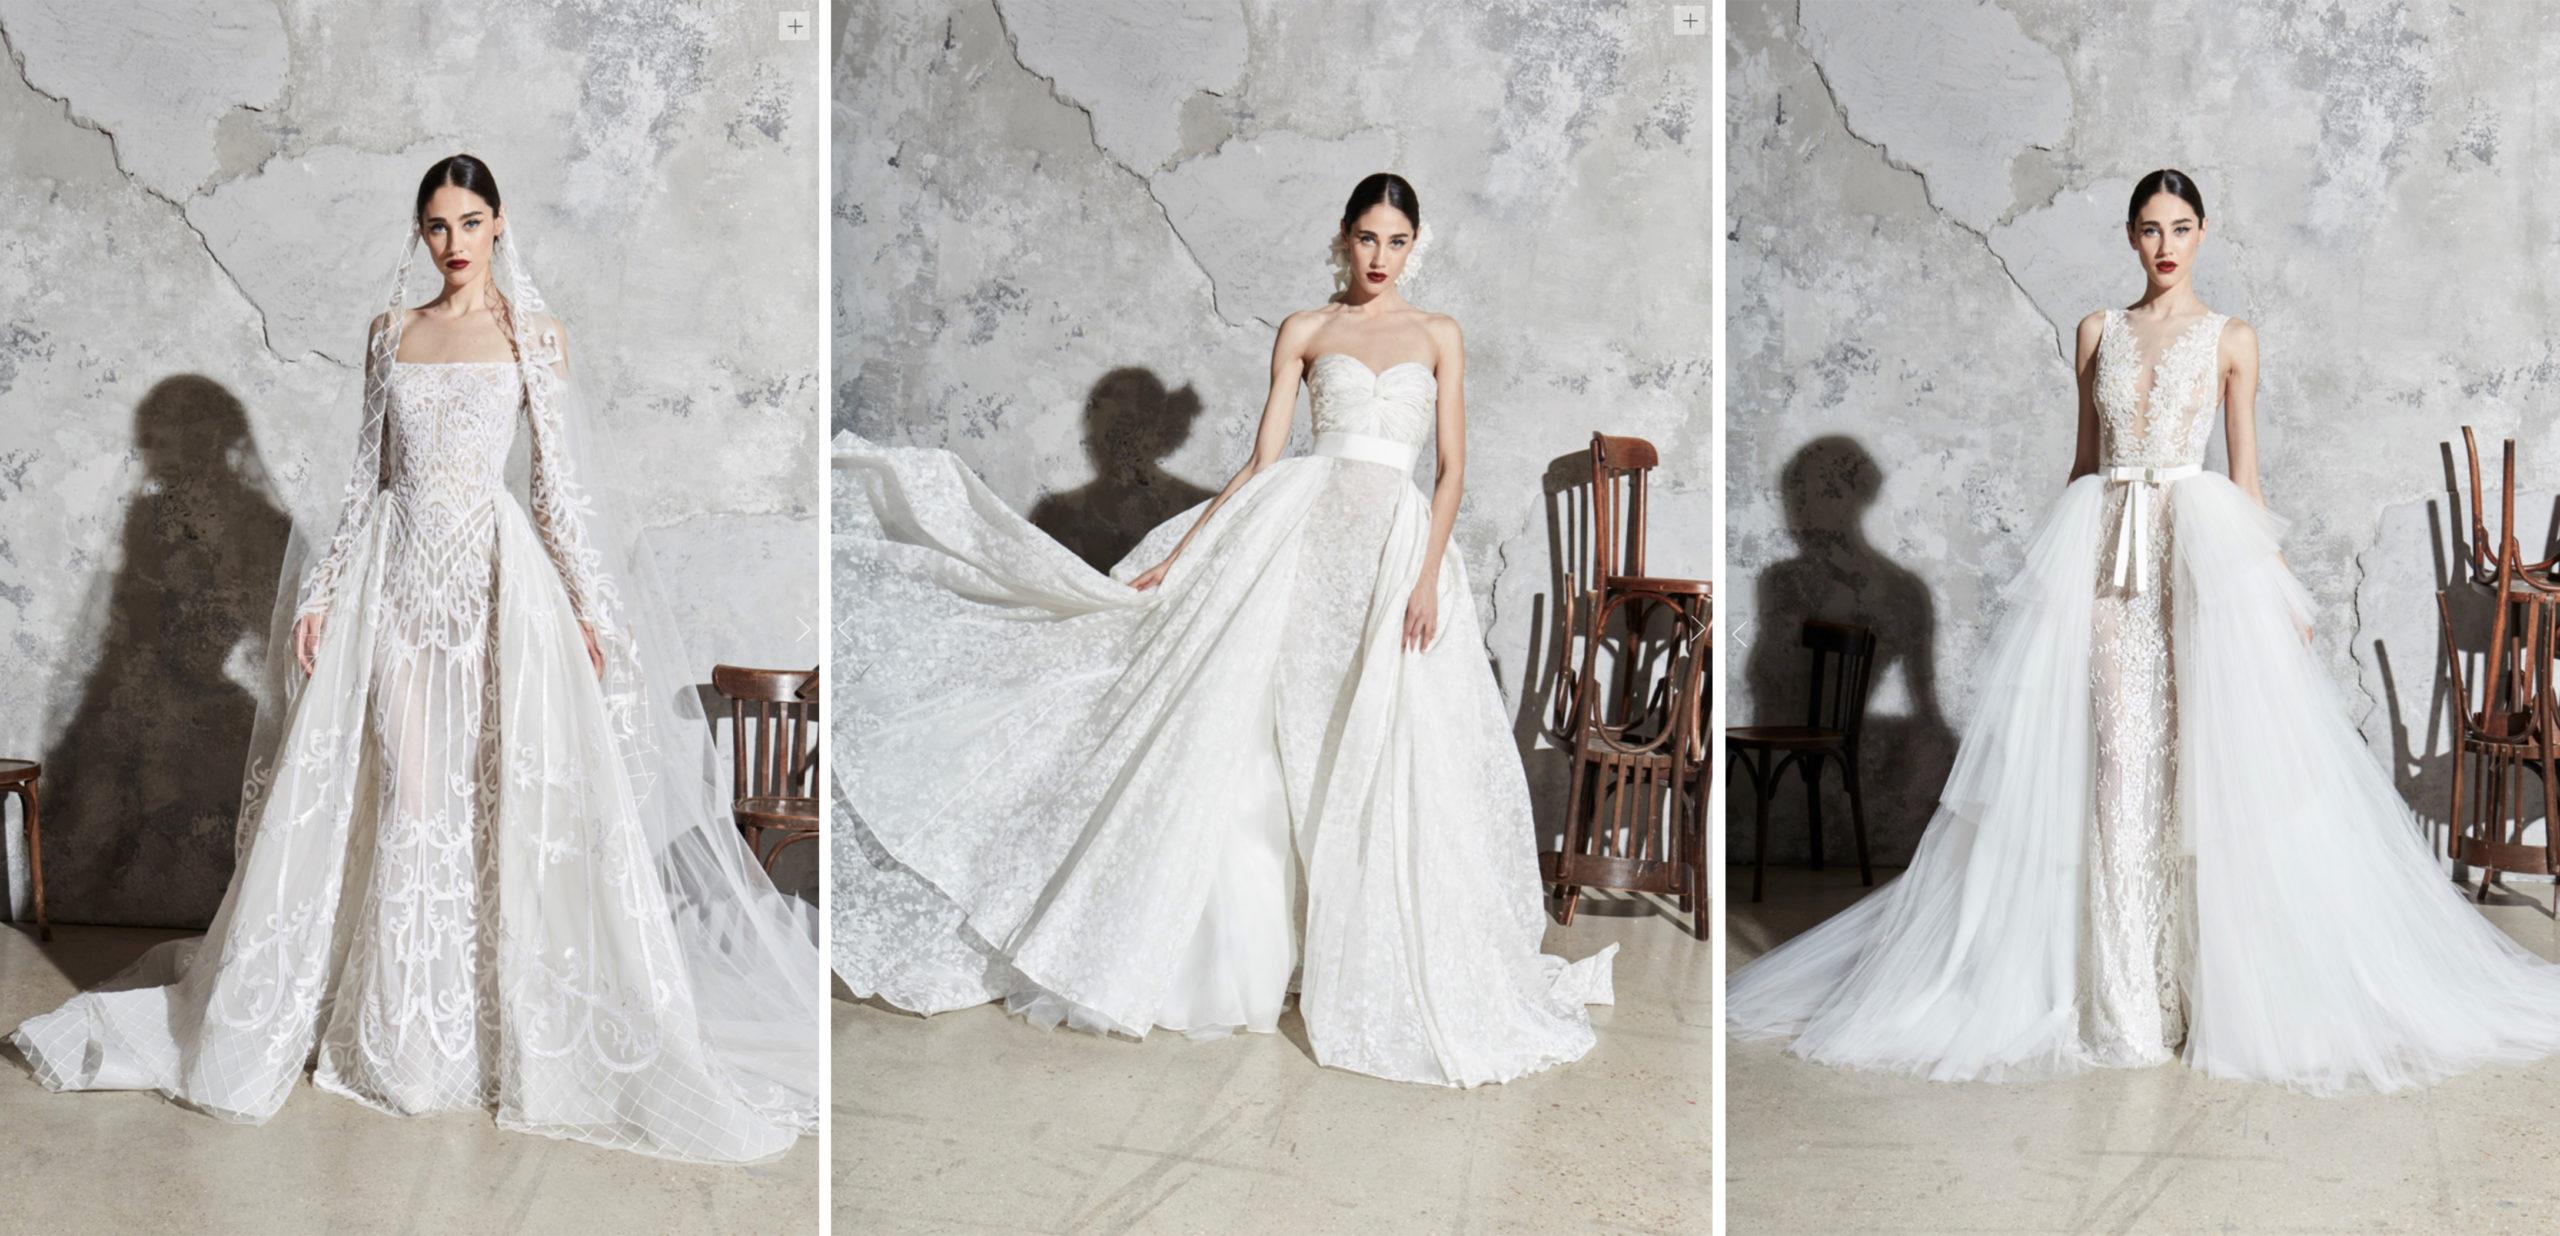 Gowns by Zuhair Murad